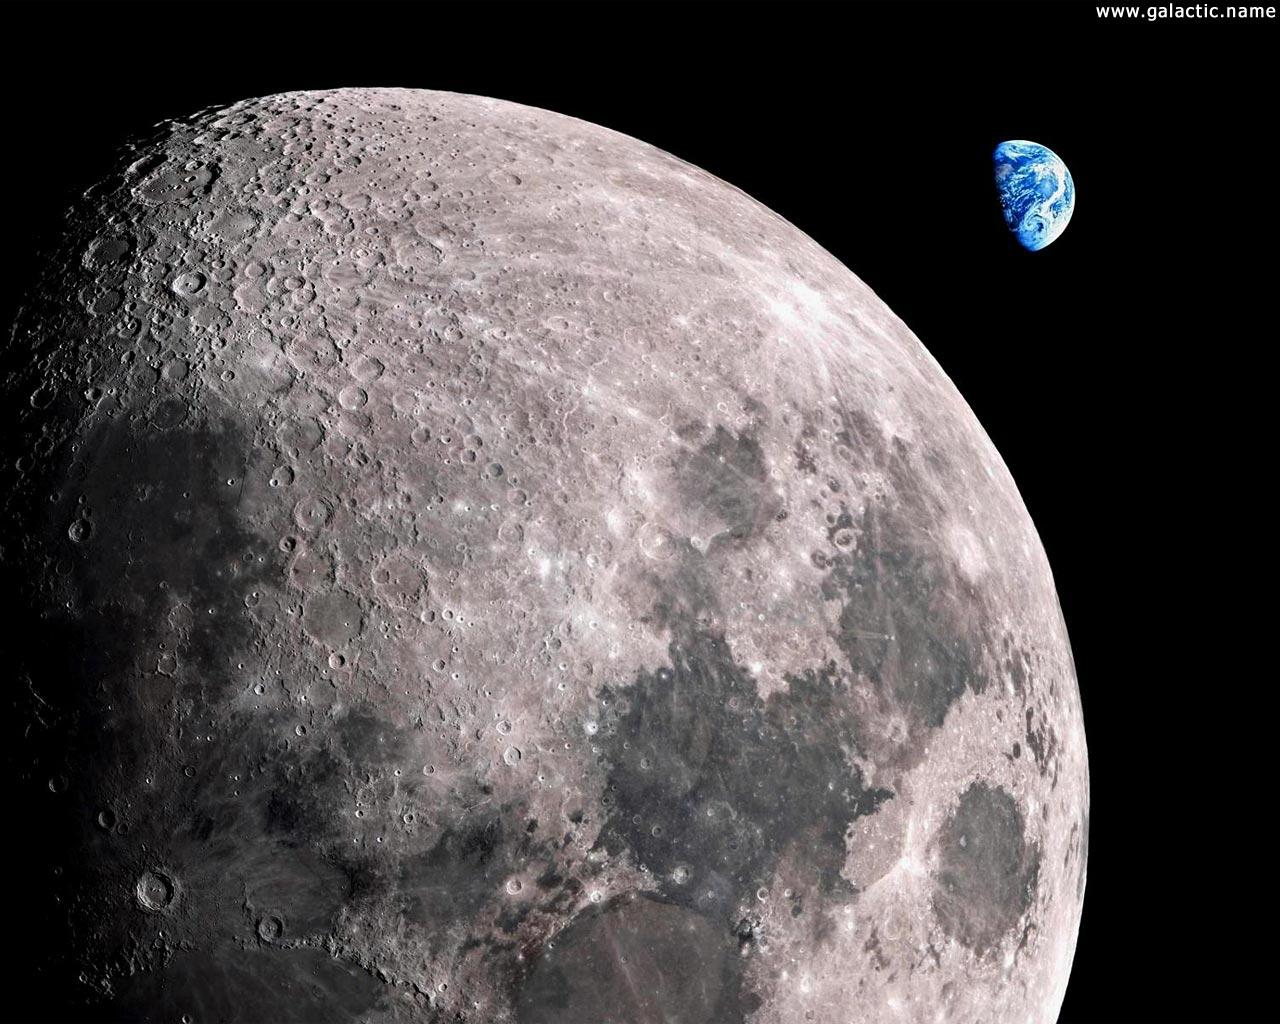 Moon_1280.jpg